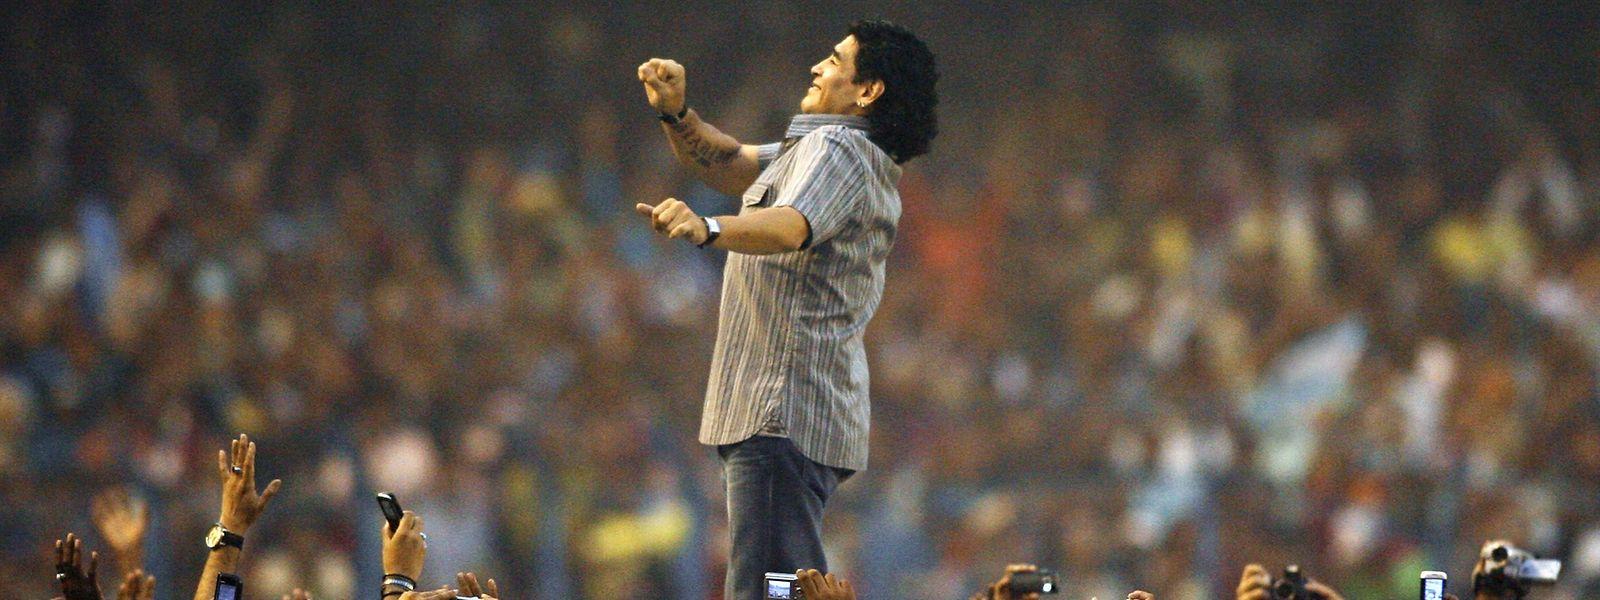 Diego Maradona wird von vielen Fußballfans verehrt.